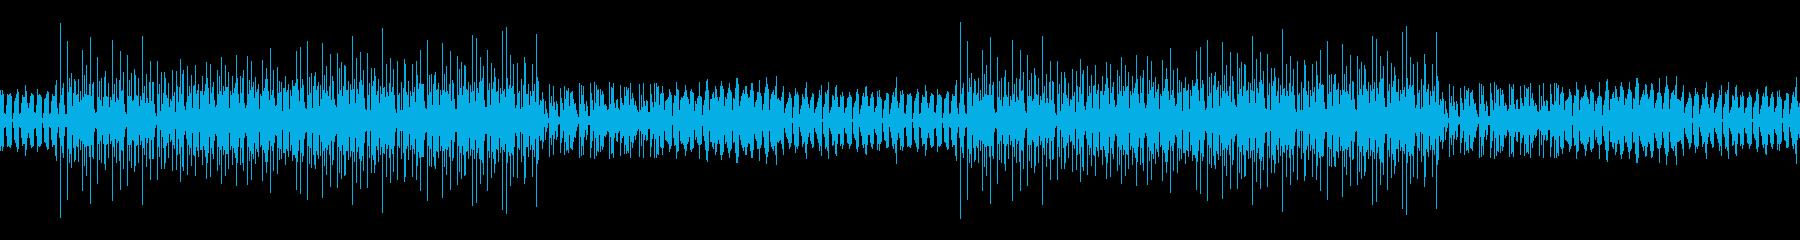 謎めいた雰囲気のレゲエBGM※ループ仕様の再生済みの波形